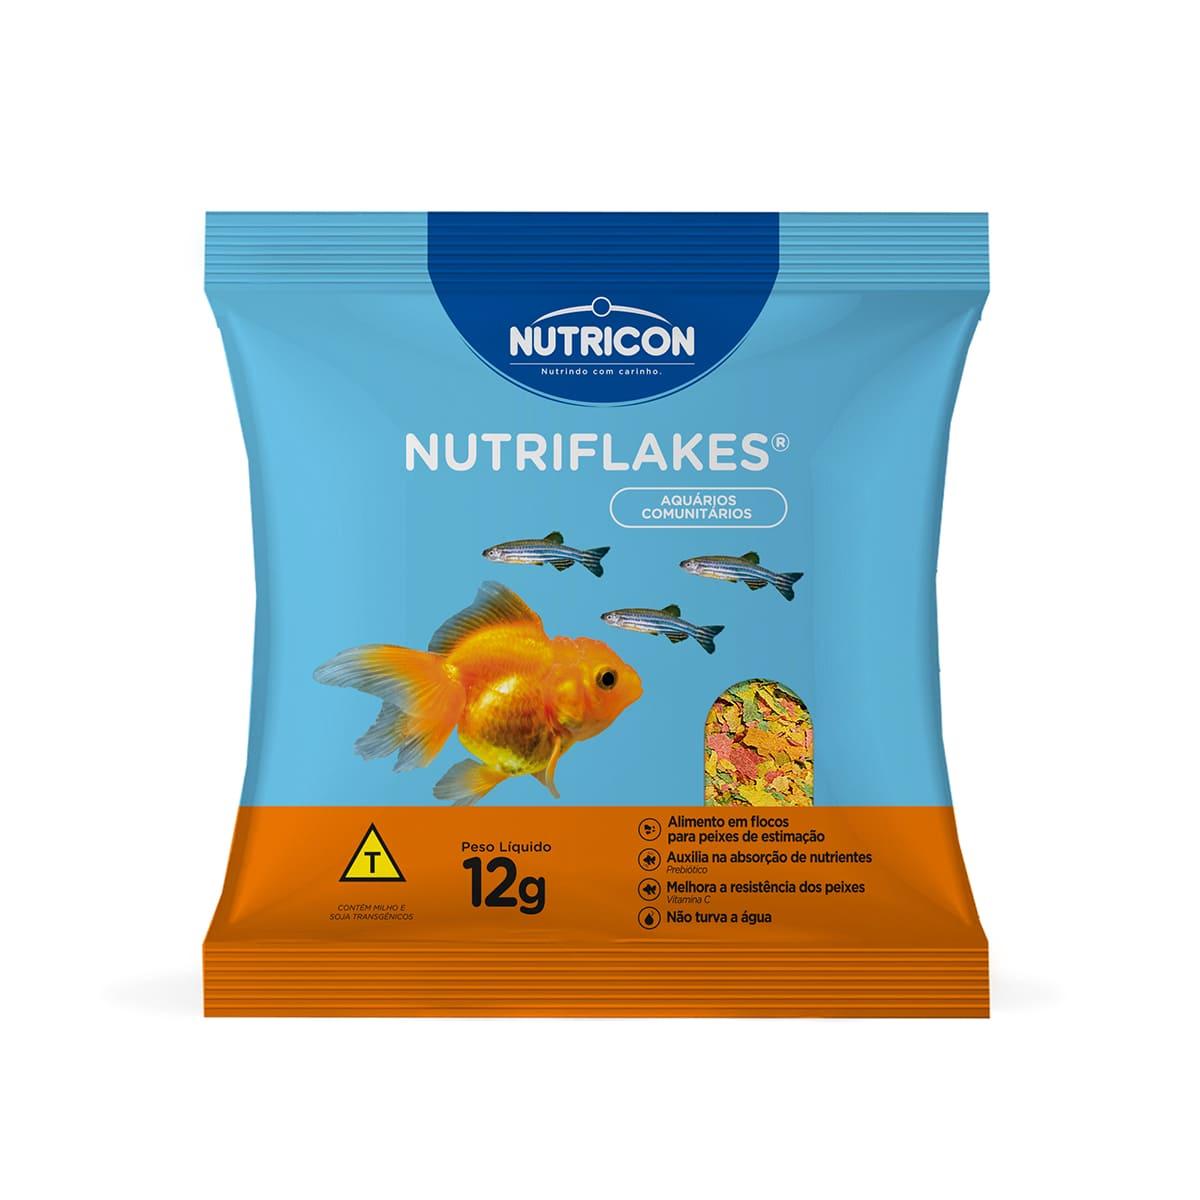 Ração Nutricon Flocos Nutriflakes 12g  Especial Comunitários